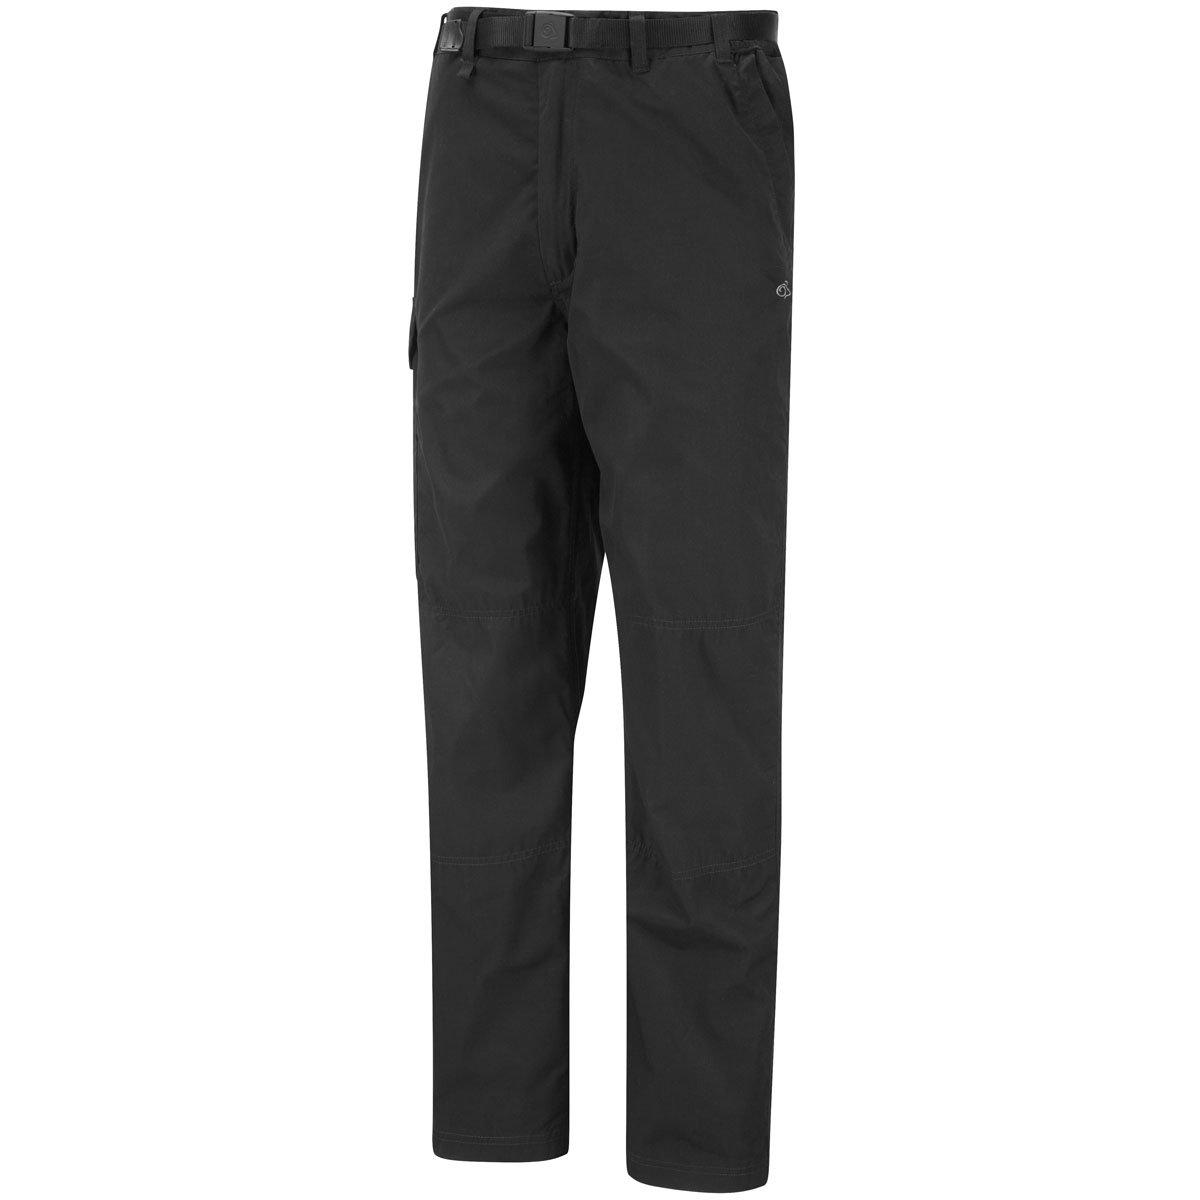 70310e1cde8e Craghoppers Mens Kiwi Walking Hiking Trousers CMJ100 Black  32R